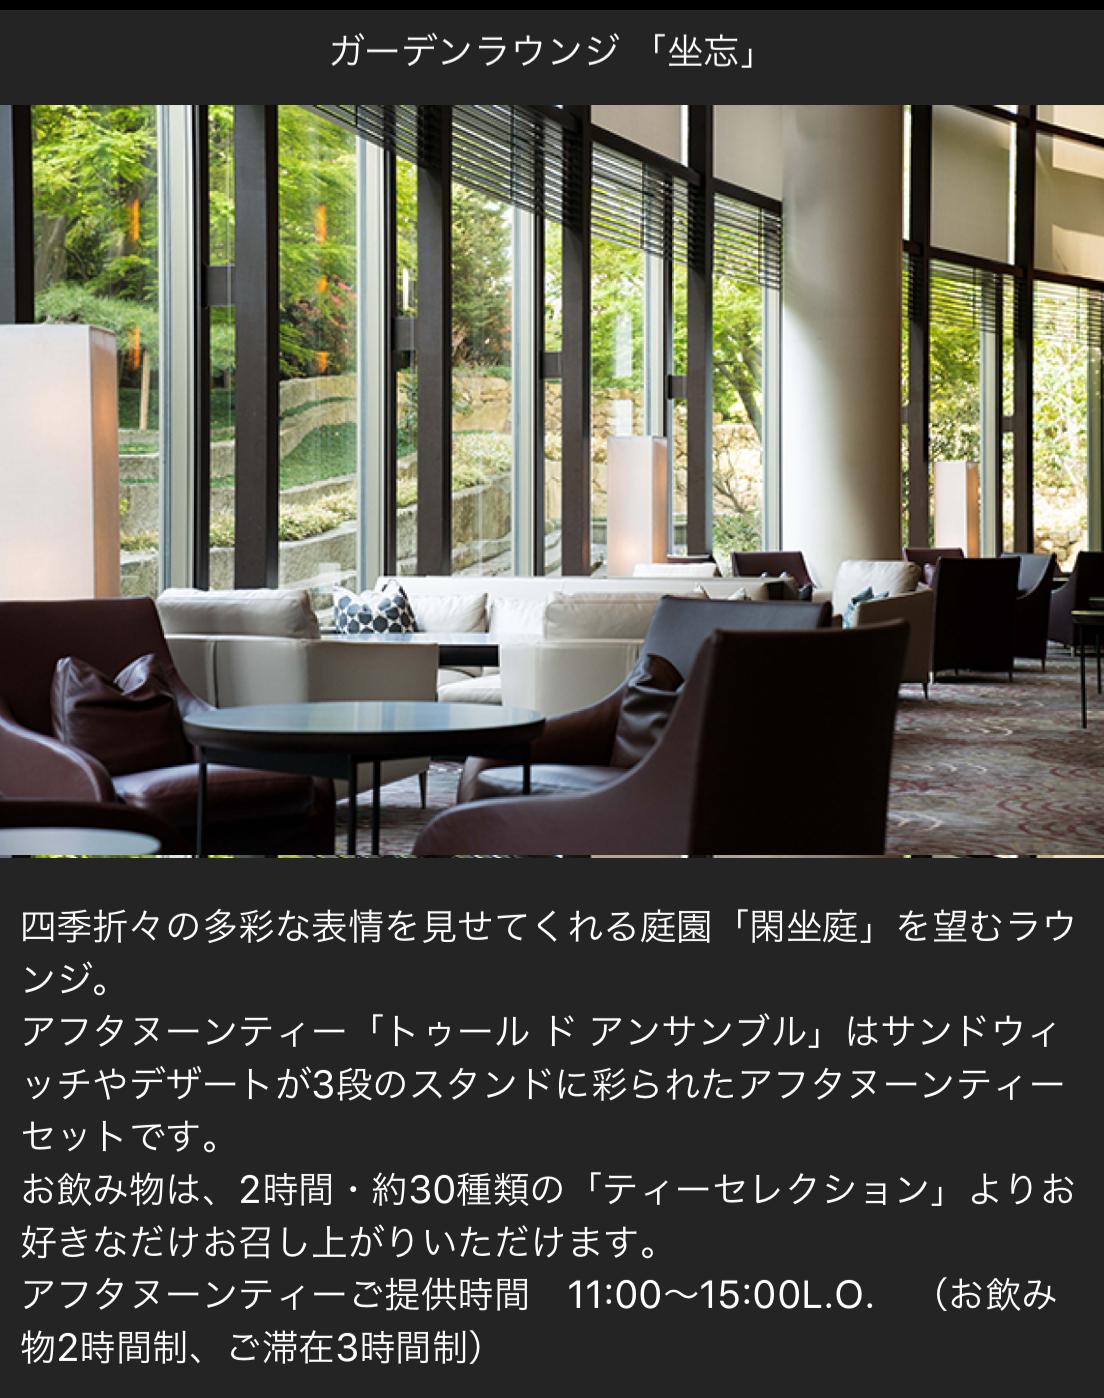 ラグジュアリーカードのセルリアンタワー東急ホテル宿泊プラン (7)